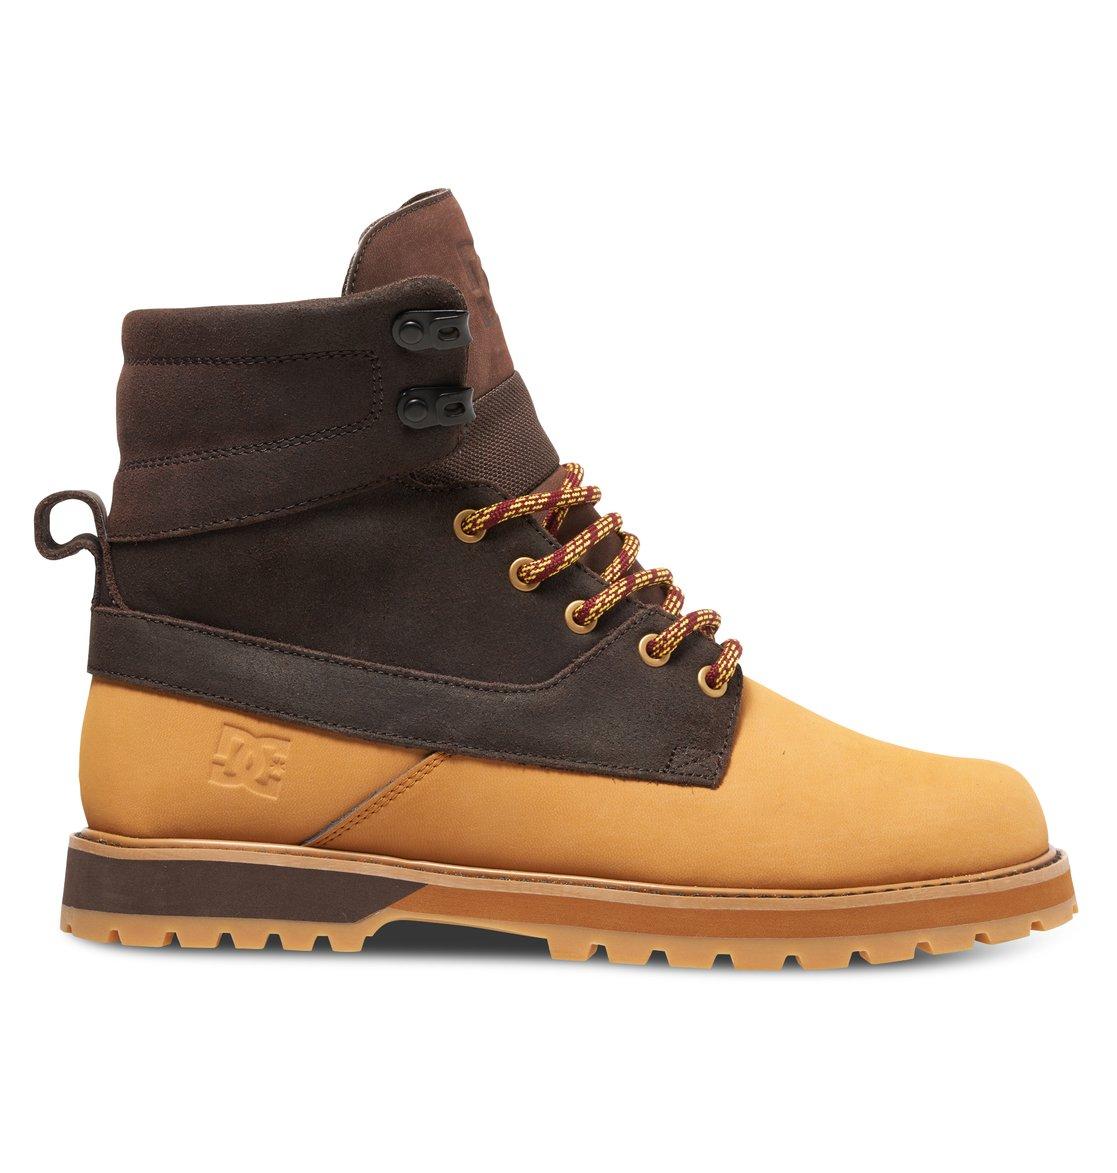 dfca22d31cf0 0 Uncas Lace Up Boots ADYB700009 DC Shoes